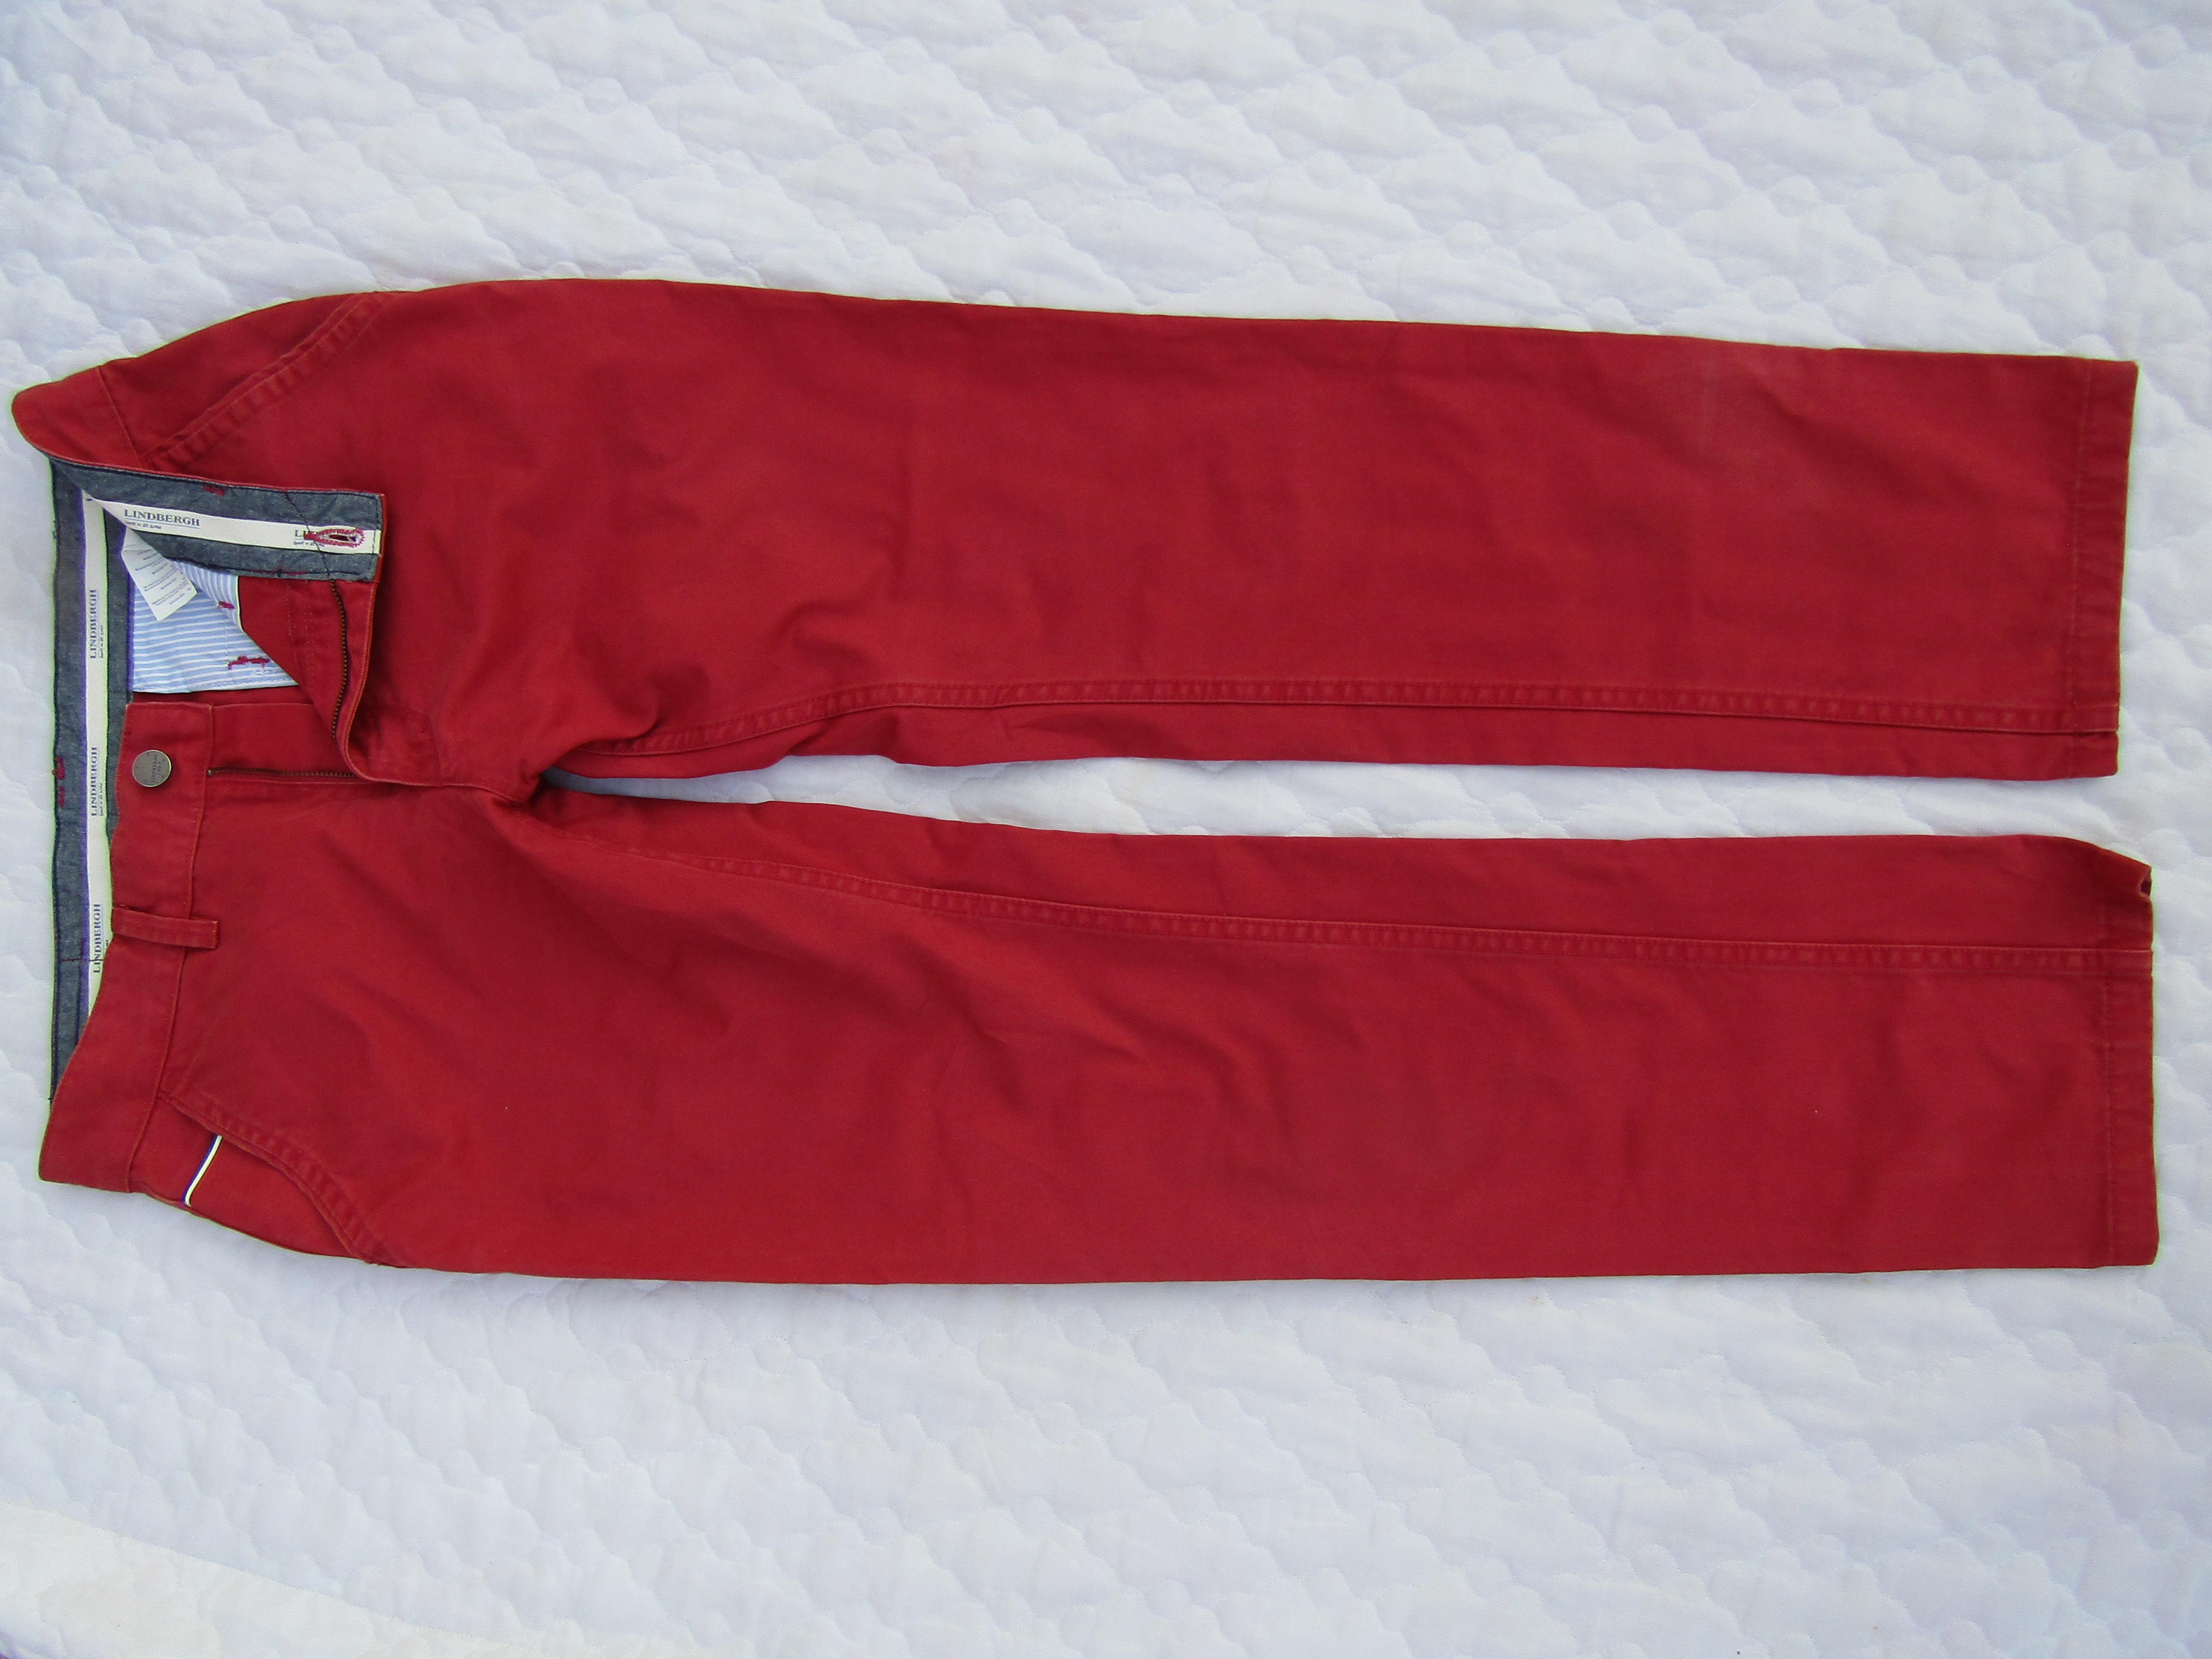 Очень крутые мужские джинсы Lindbergh, размер 34/32, состояние! - Фото №1